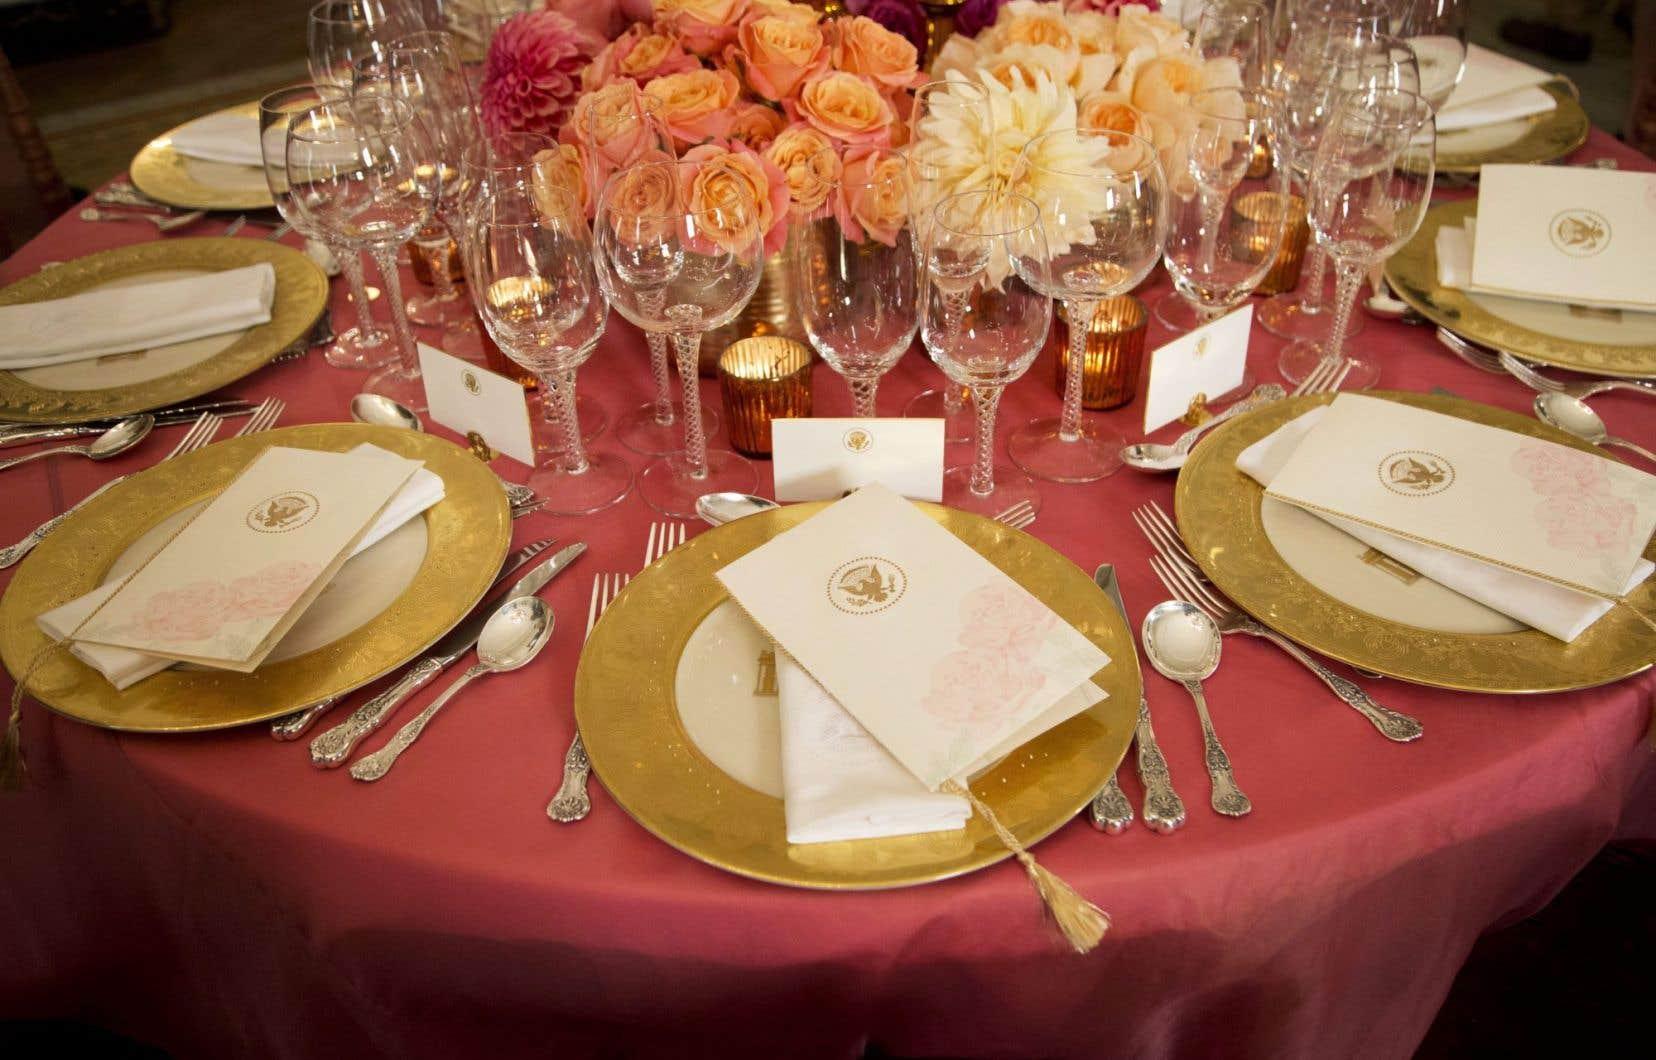 Une table garnie pour un repas accueillant un chef d'État dans la salle à manger officielle de la Maison-Blanche, à Washington, sous la présidence de Barack Obama.